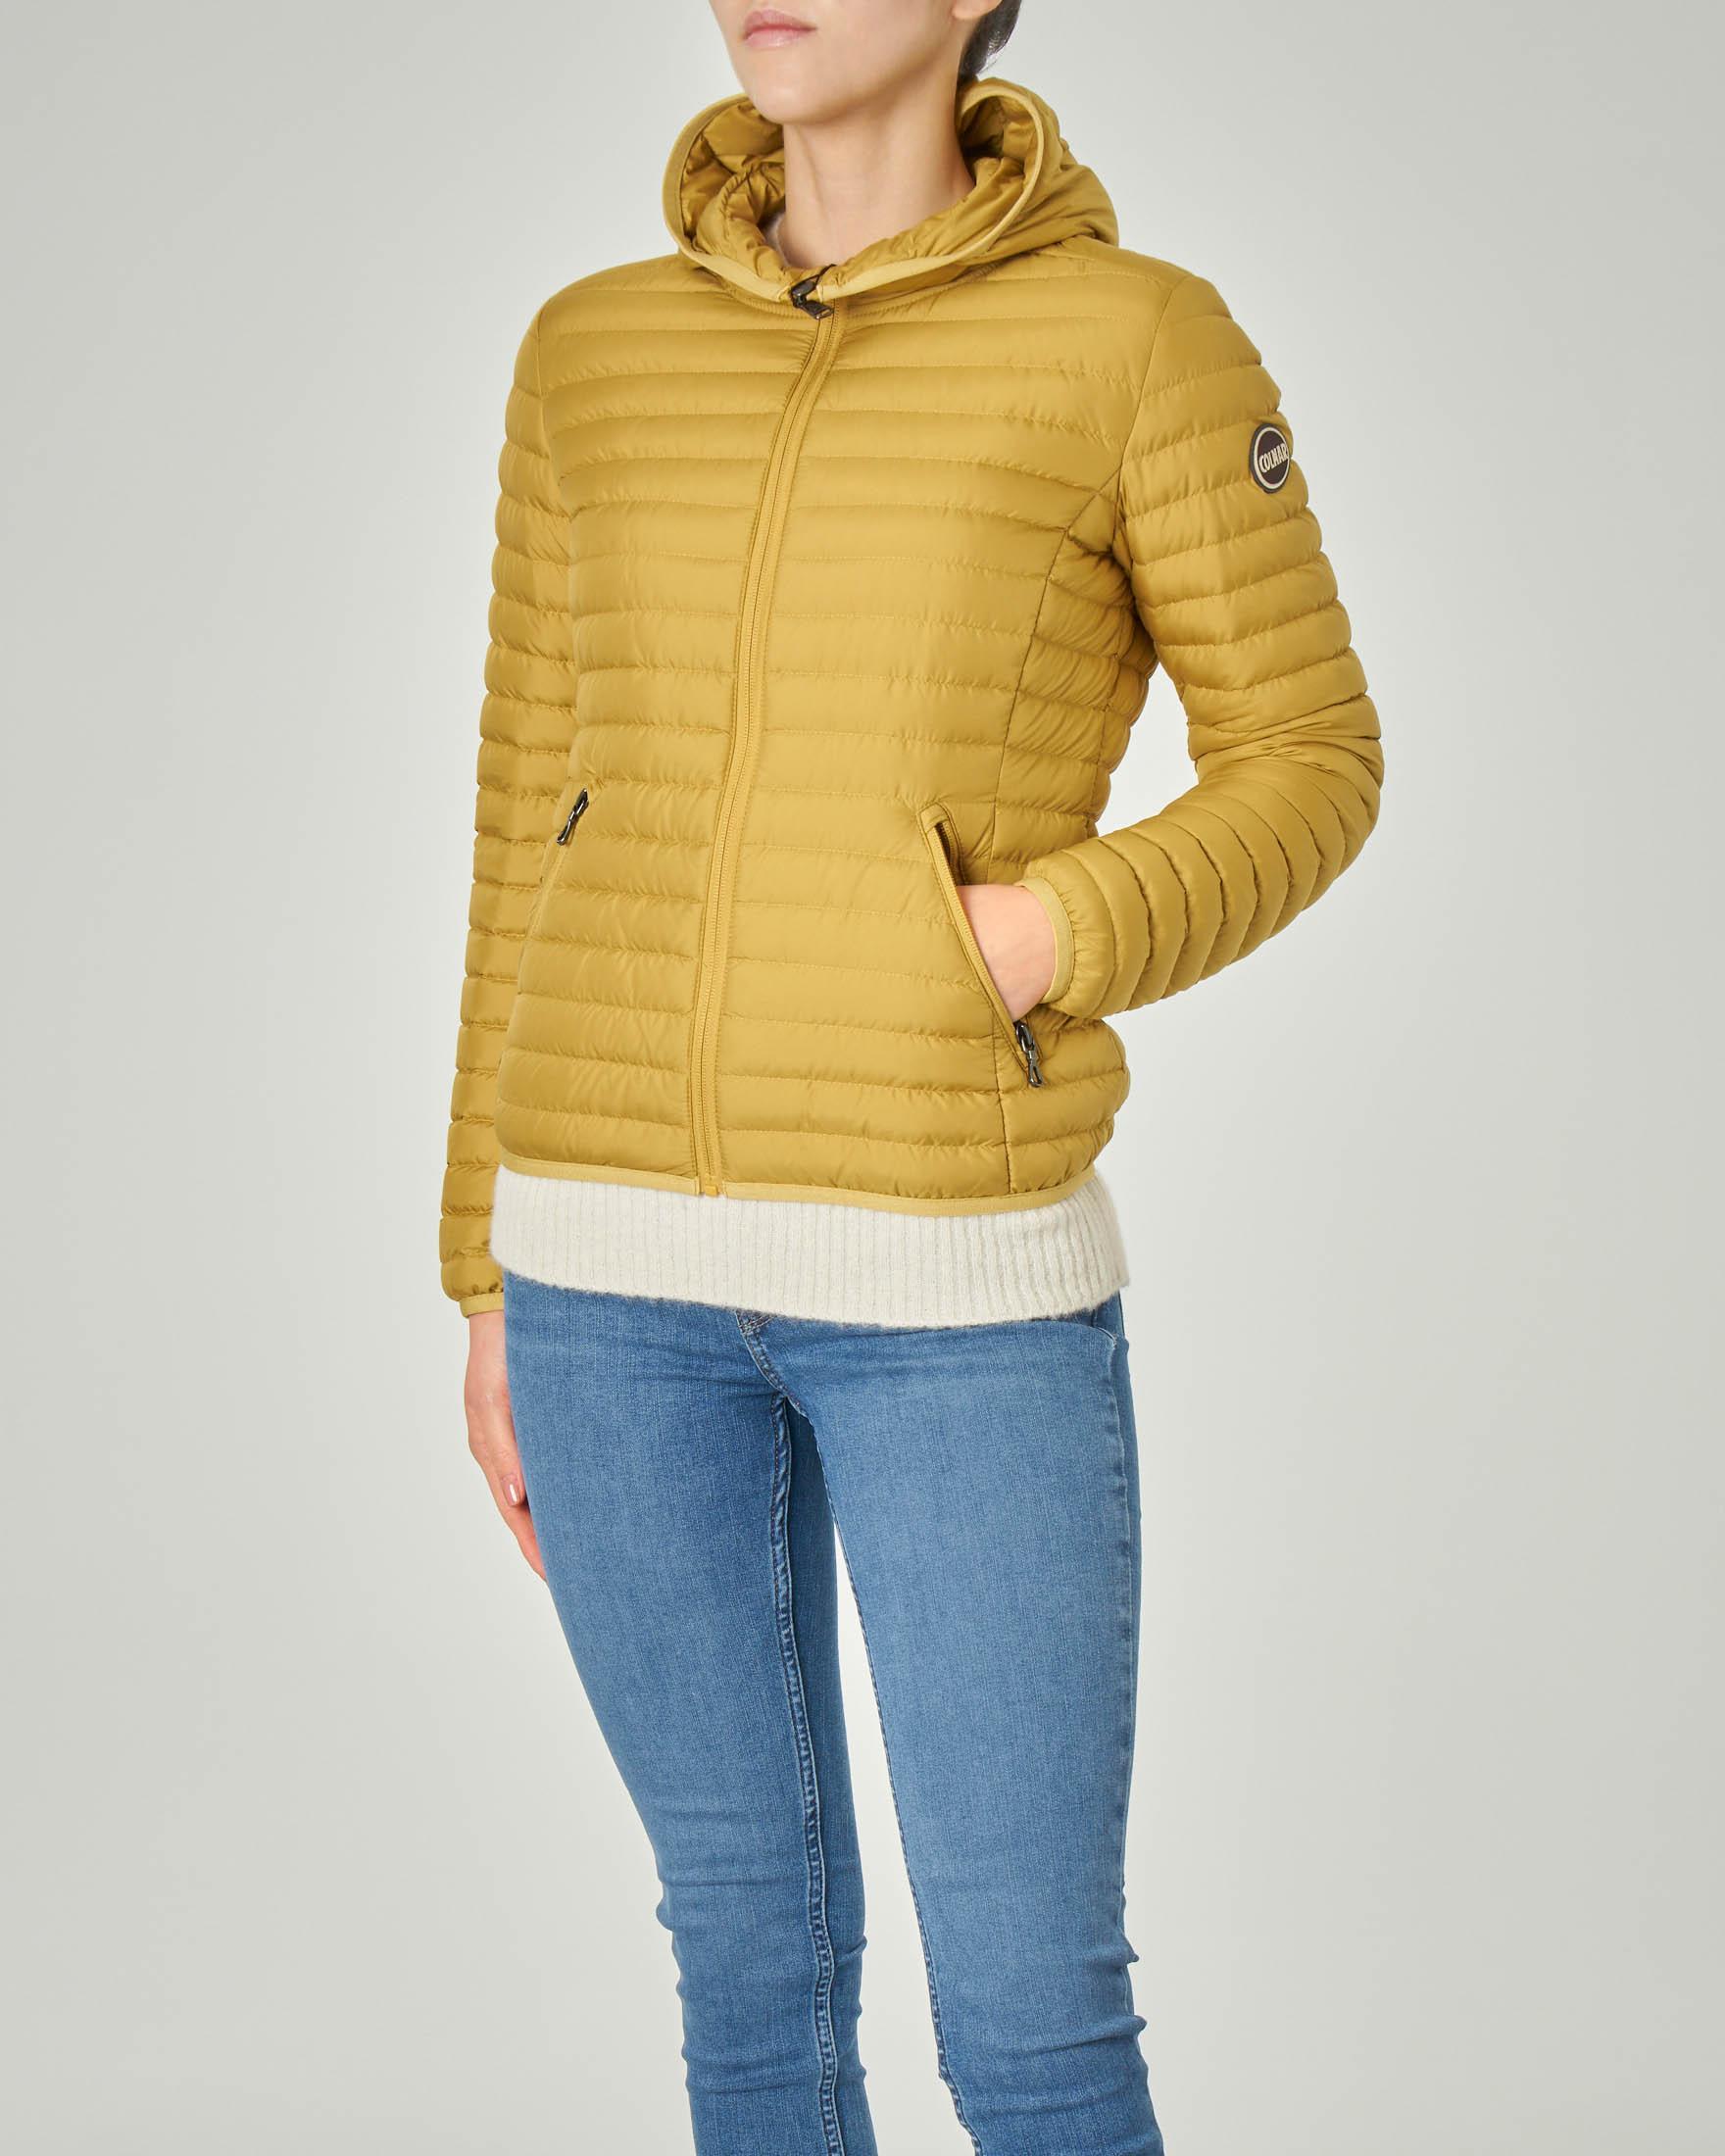 Piumino leggero corto con cappuccio in tessuto opaco giallo | Pellizzari E commerce